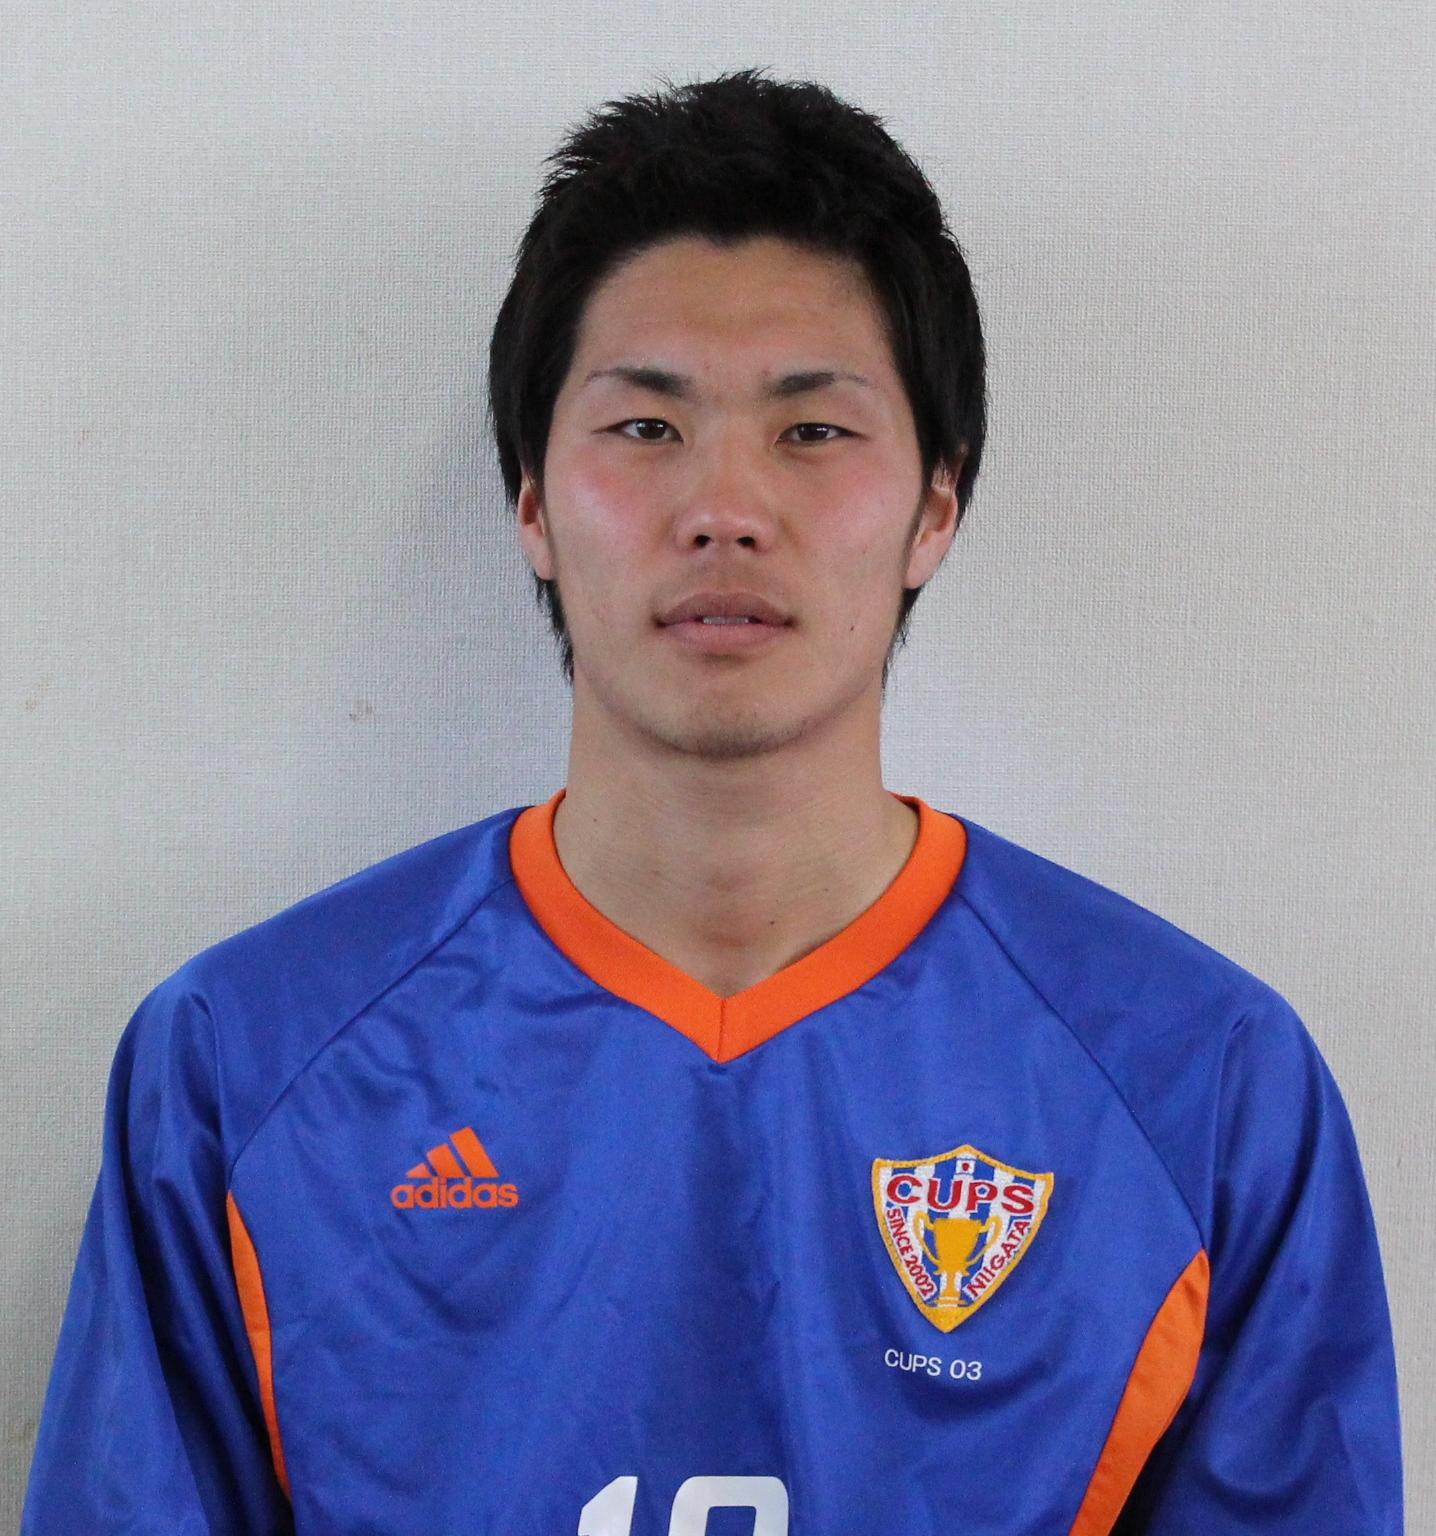 IMG_6517 V・ファーレン長崎より松尾篤選手、期限付き移籍加入のお知らせ | アスルクラロ